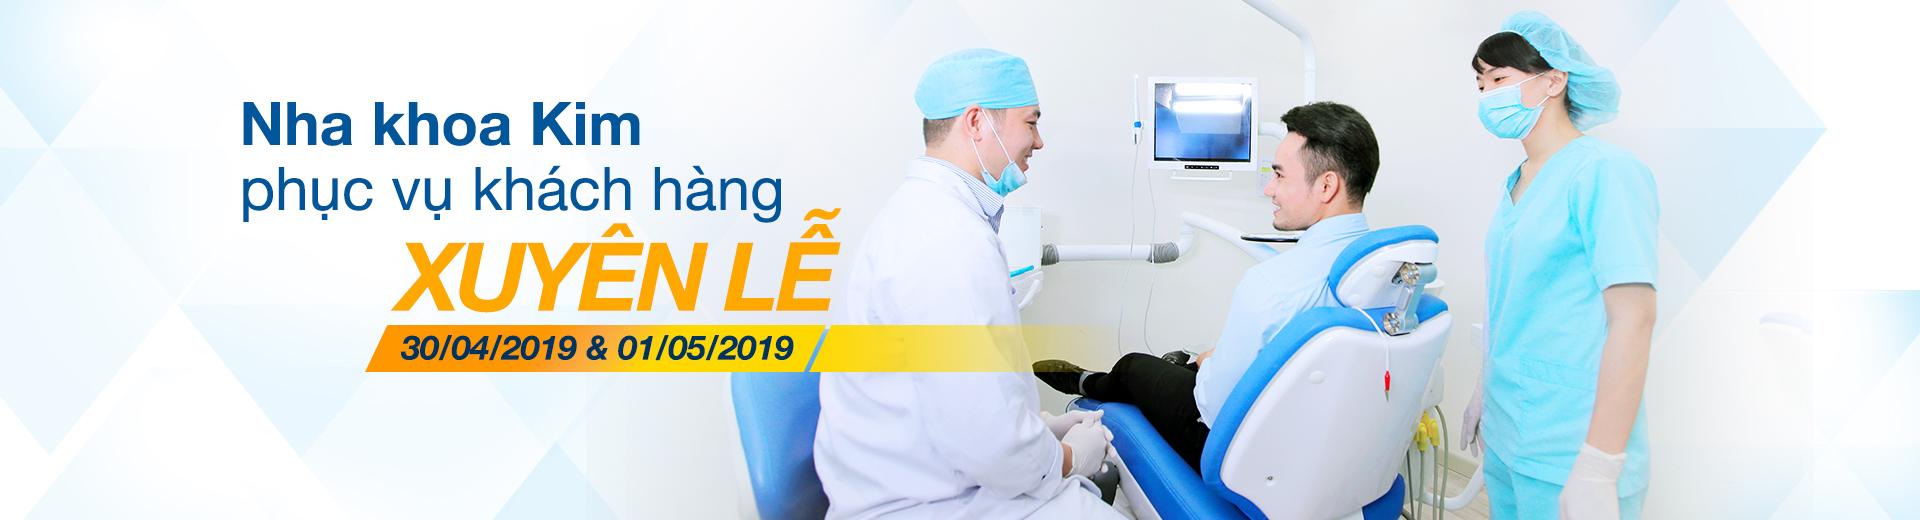 Nha khoa Kim thông báo nghỉ lễ 2019